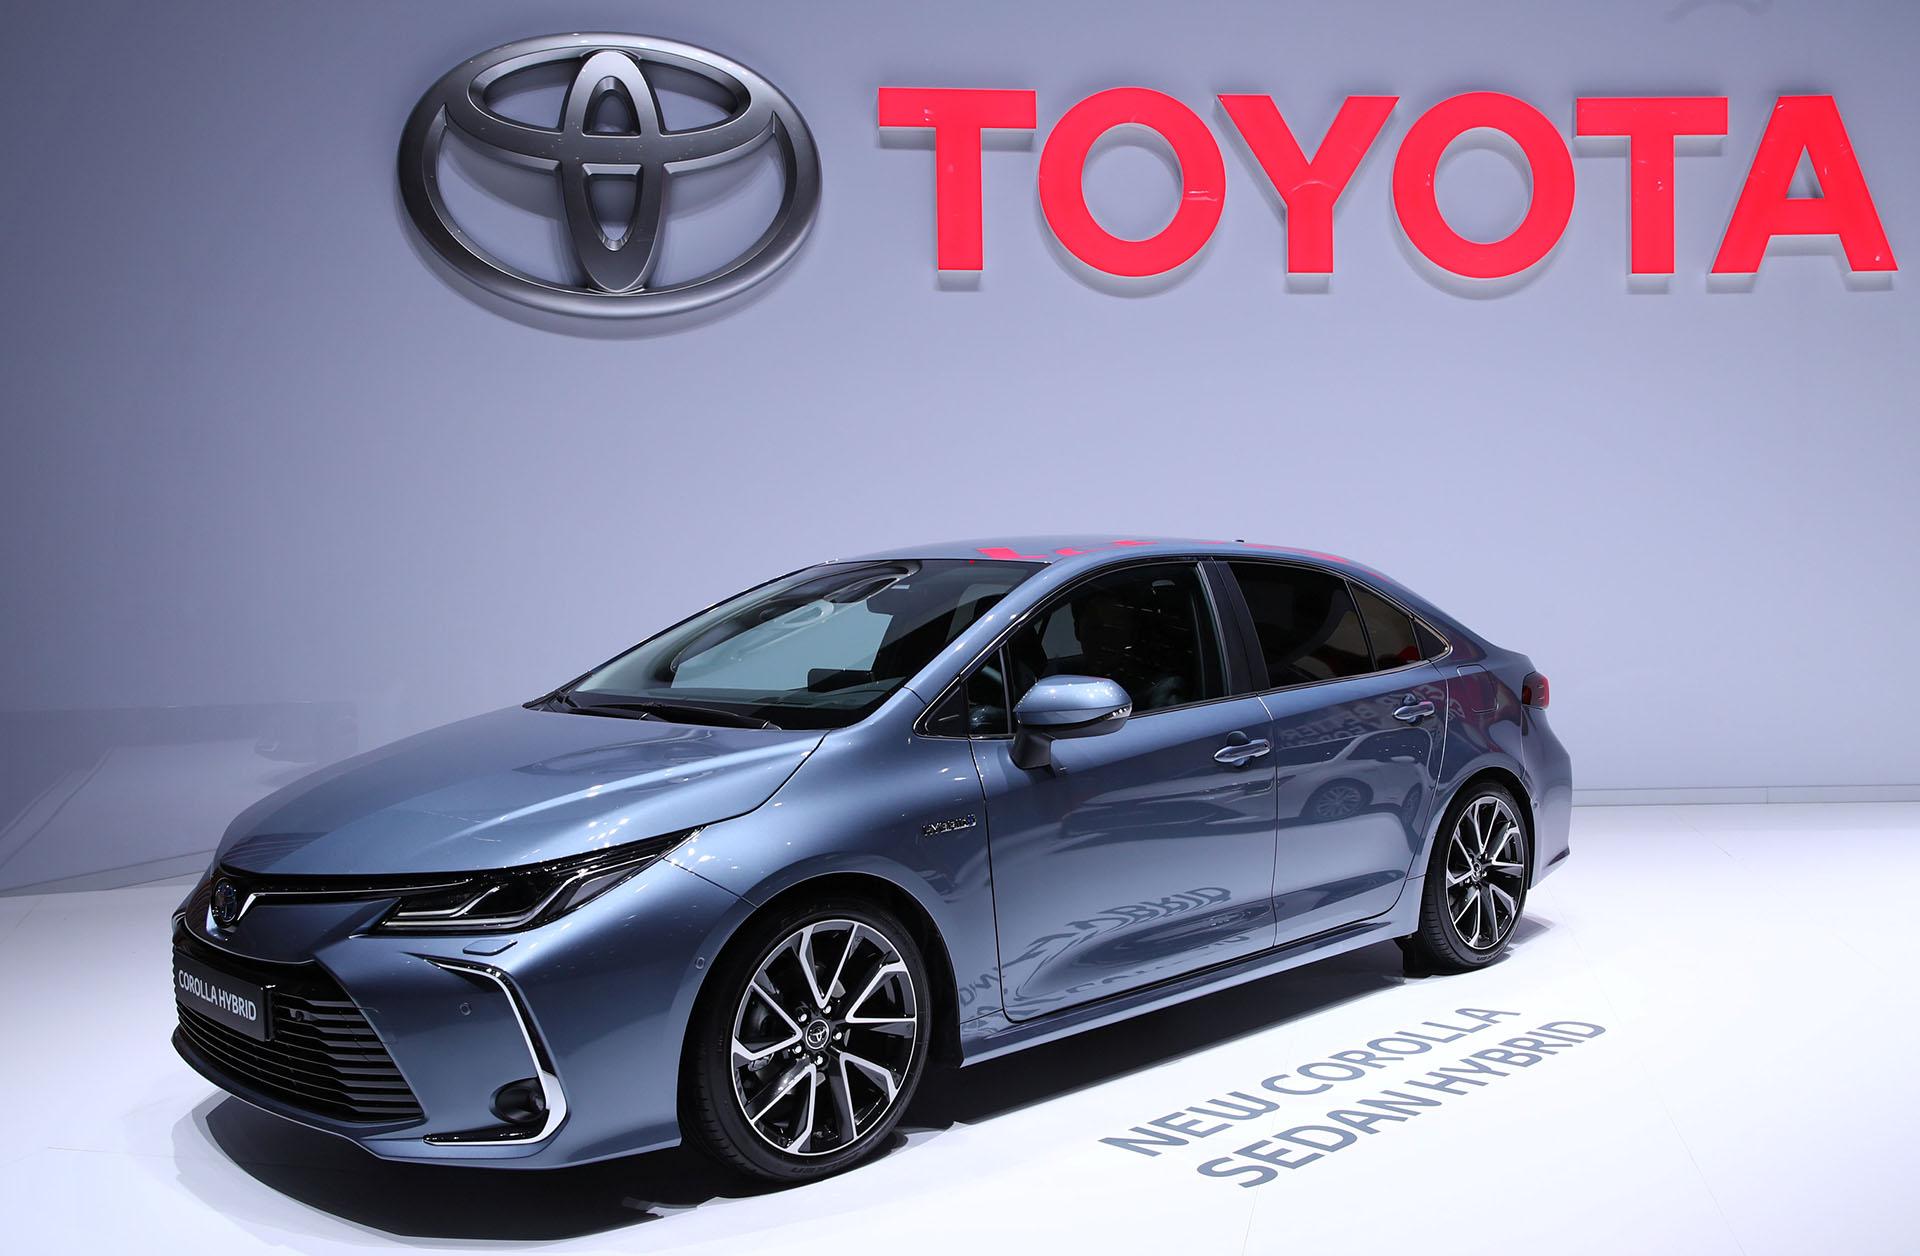 Pionero en la producción de automóviles híbridos, el Toyota Corolla Sedan Hybridpromete más potencia y dinamismo con menos consumo y emisiones